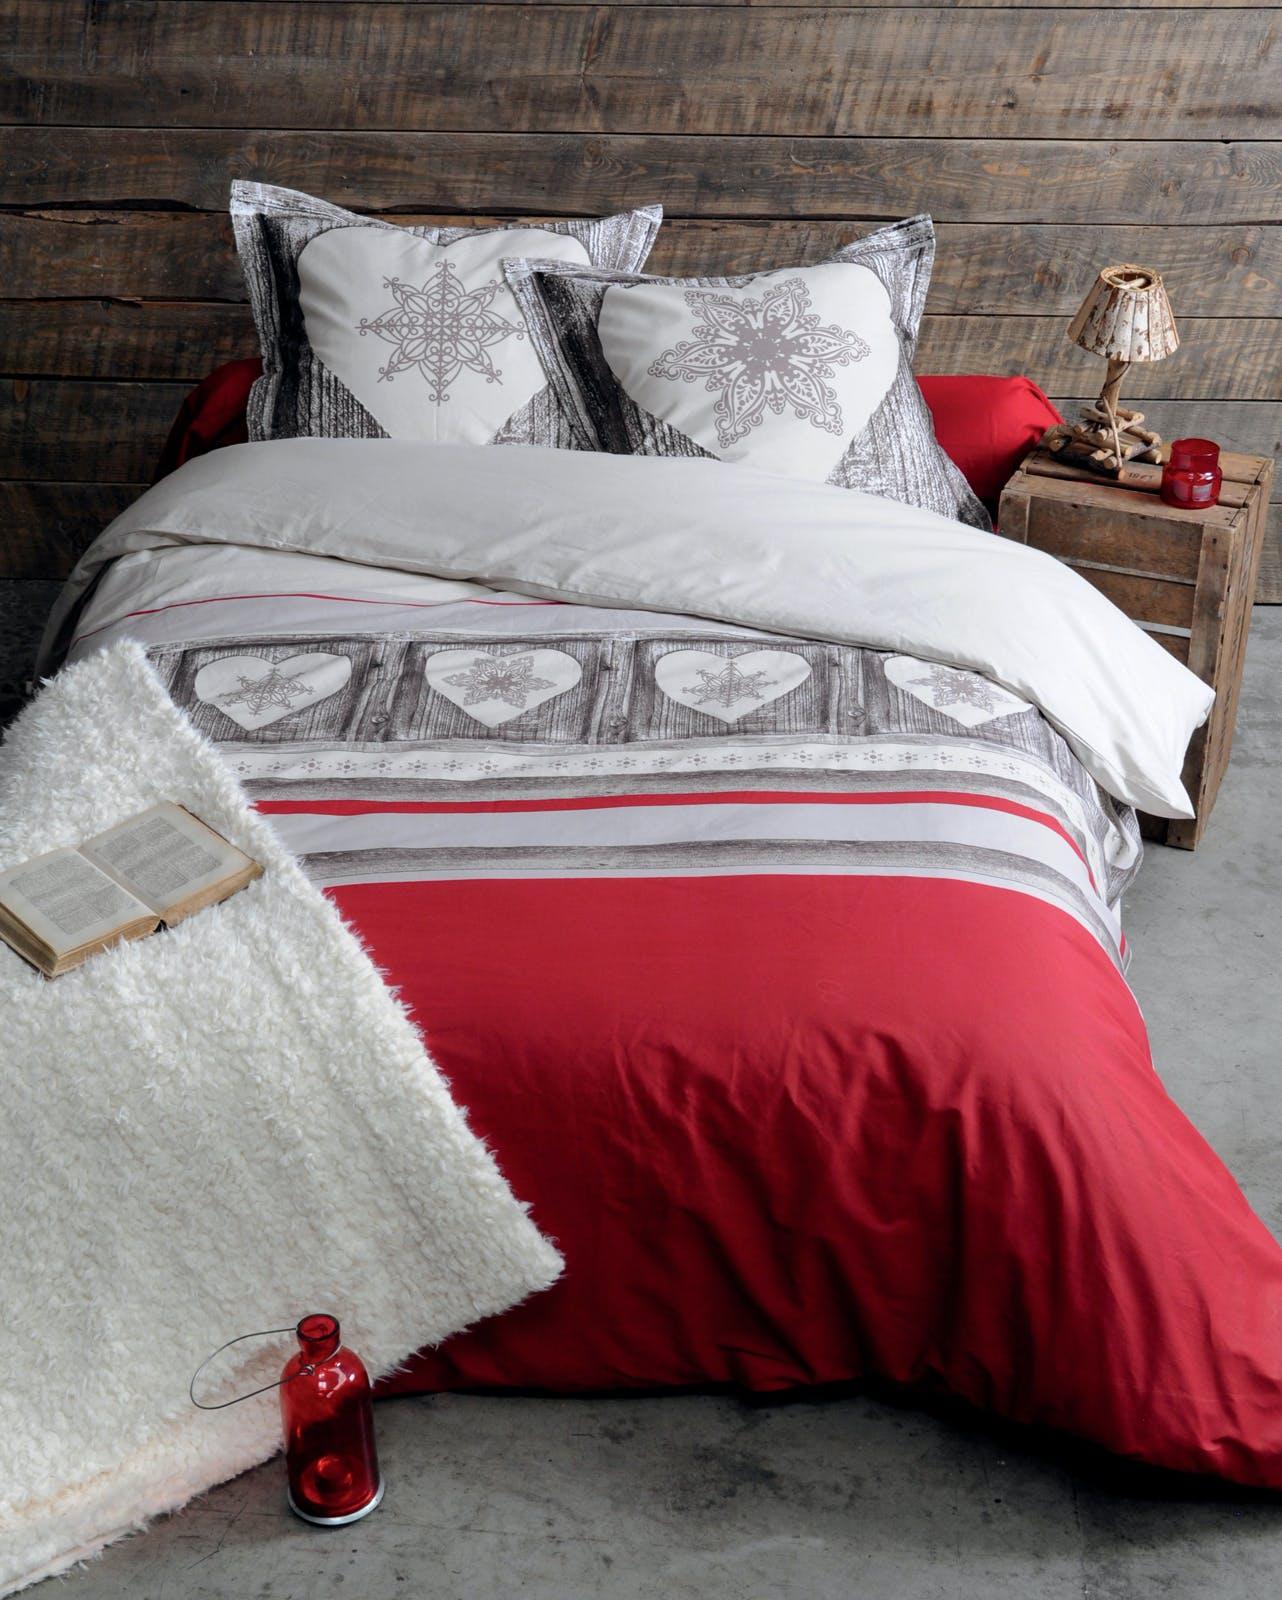 Parure de lit Qualité Supérieure esprit chalet romantique rouge 260x240 housse de couette + 2 taies 65x65 100% coton HELSINKI